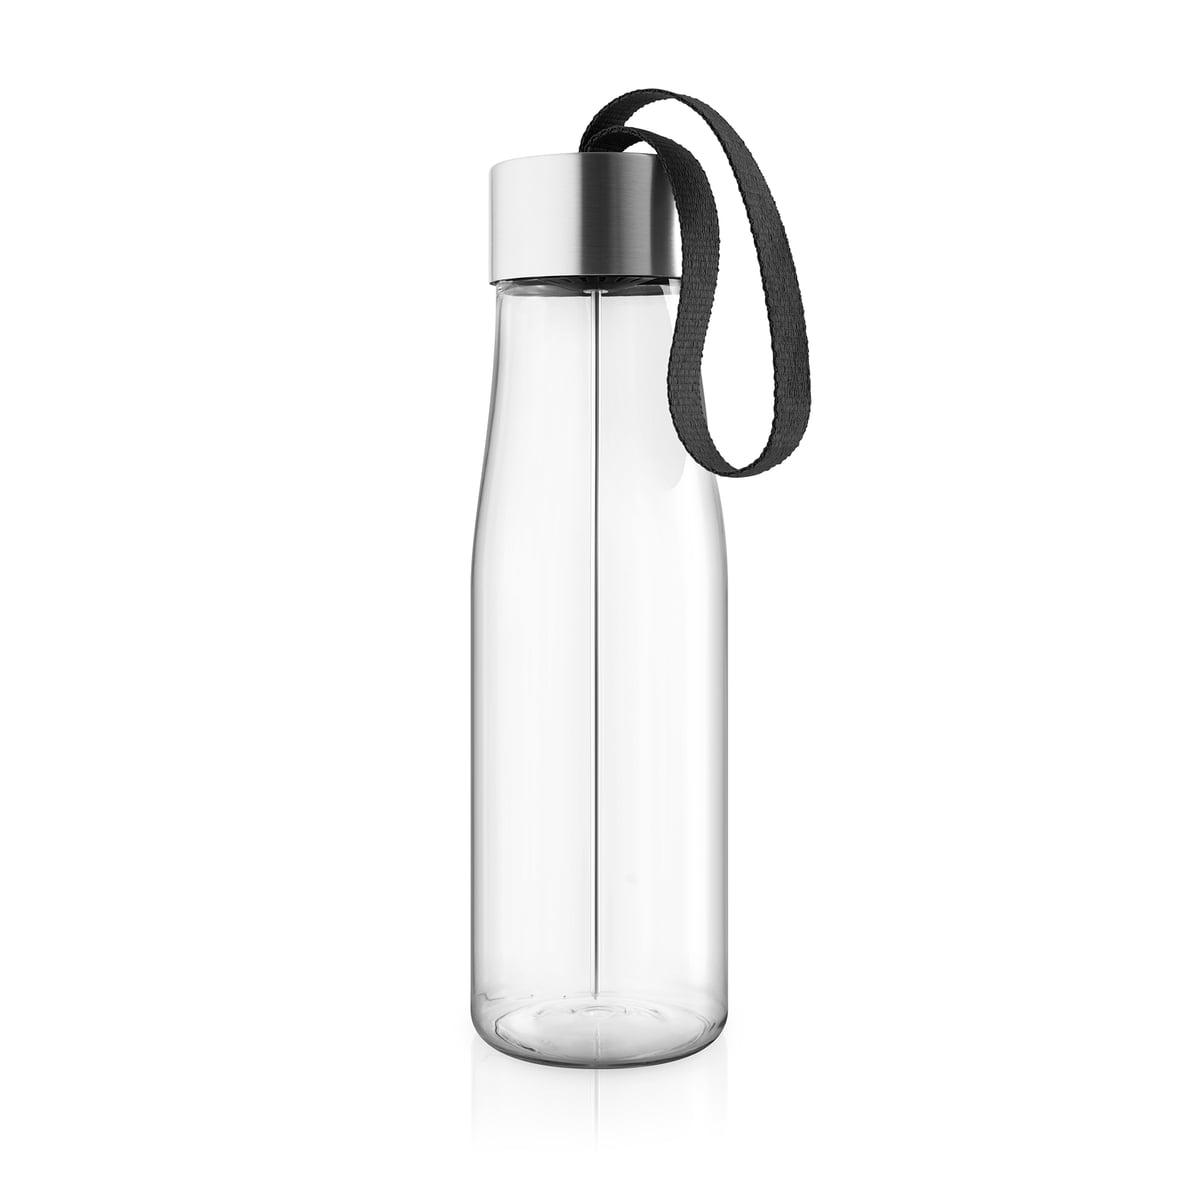 Eva Solo - MyFlavour Trinkflasche 0,75 l, schwarz | Küche und Esszimmer > Besteck und Geschirr > Kannen und Wasserkessel | Schwarz | Eva Solo